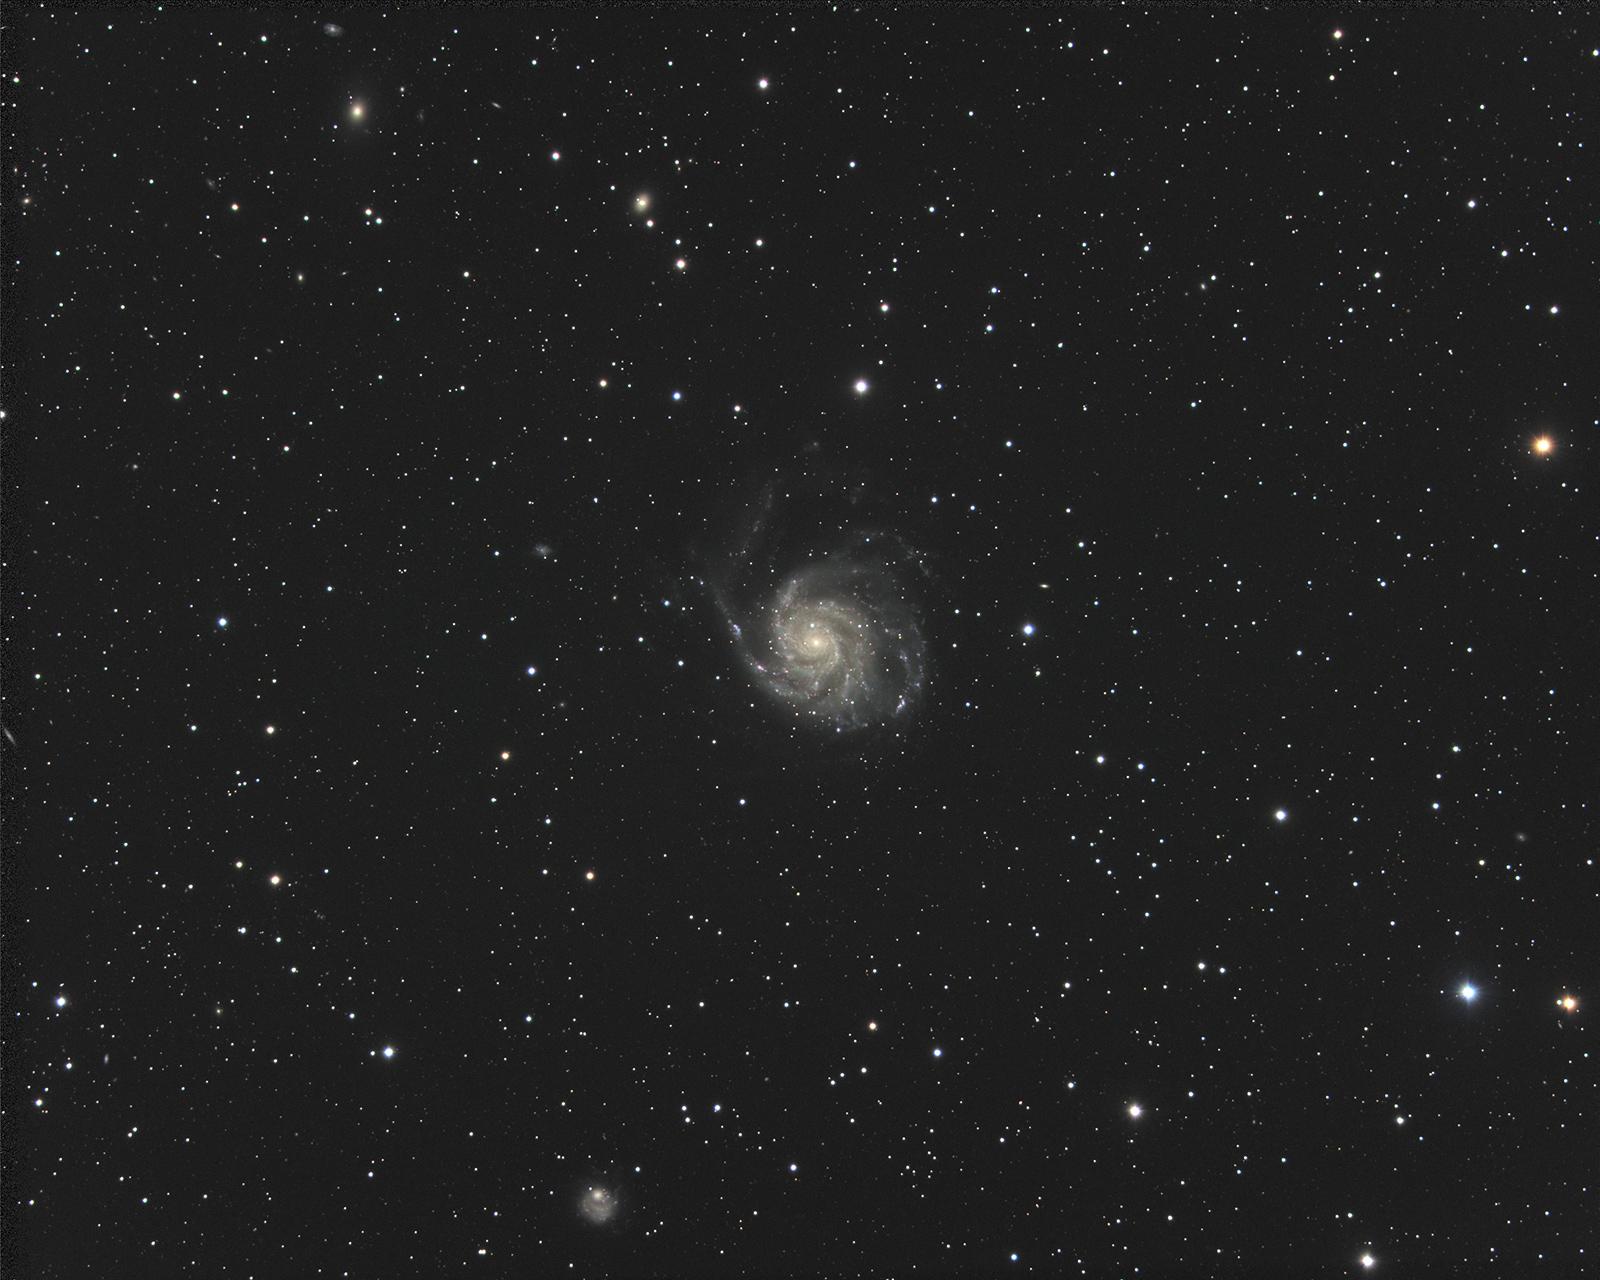 M101_fc60f6_240min